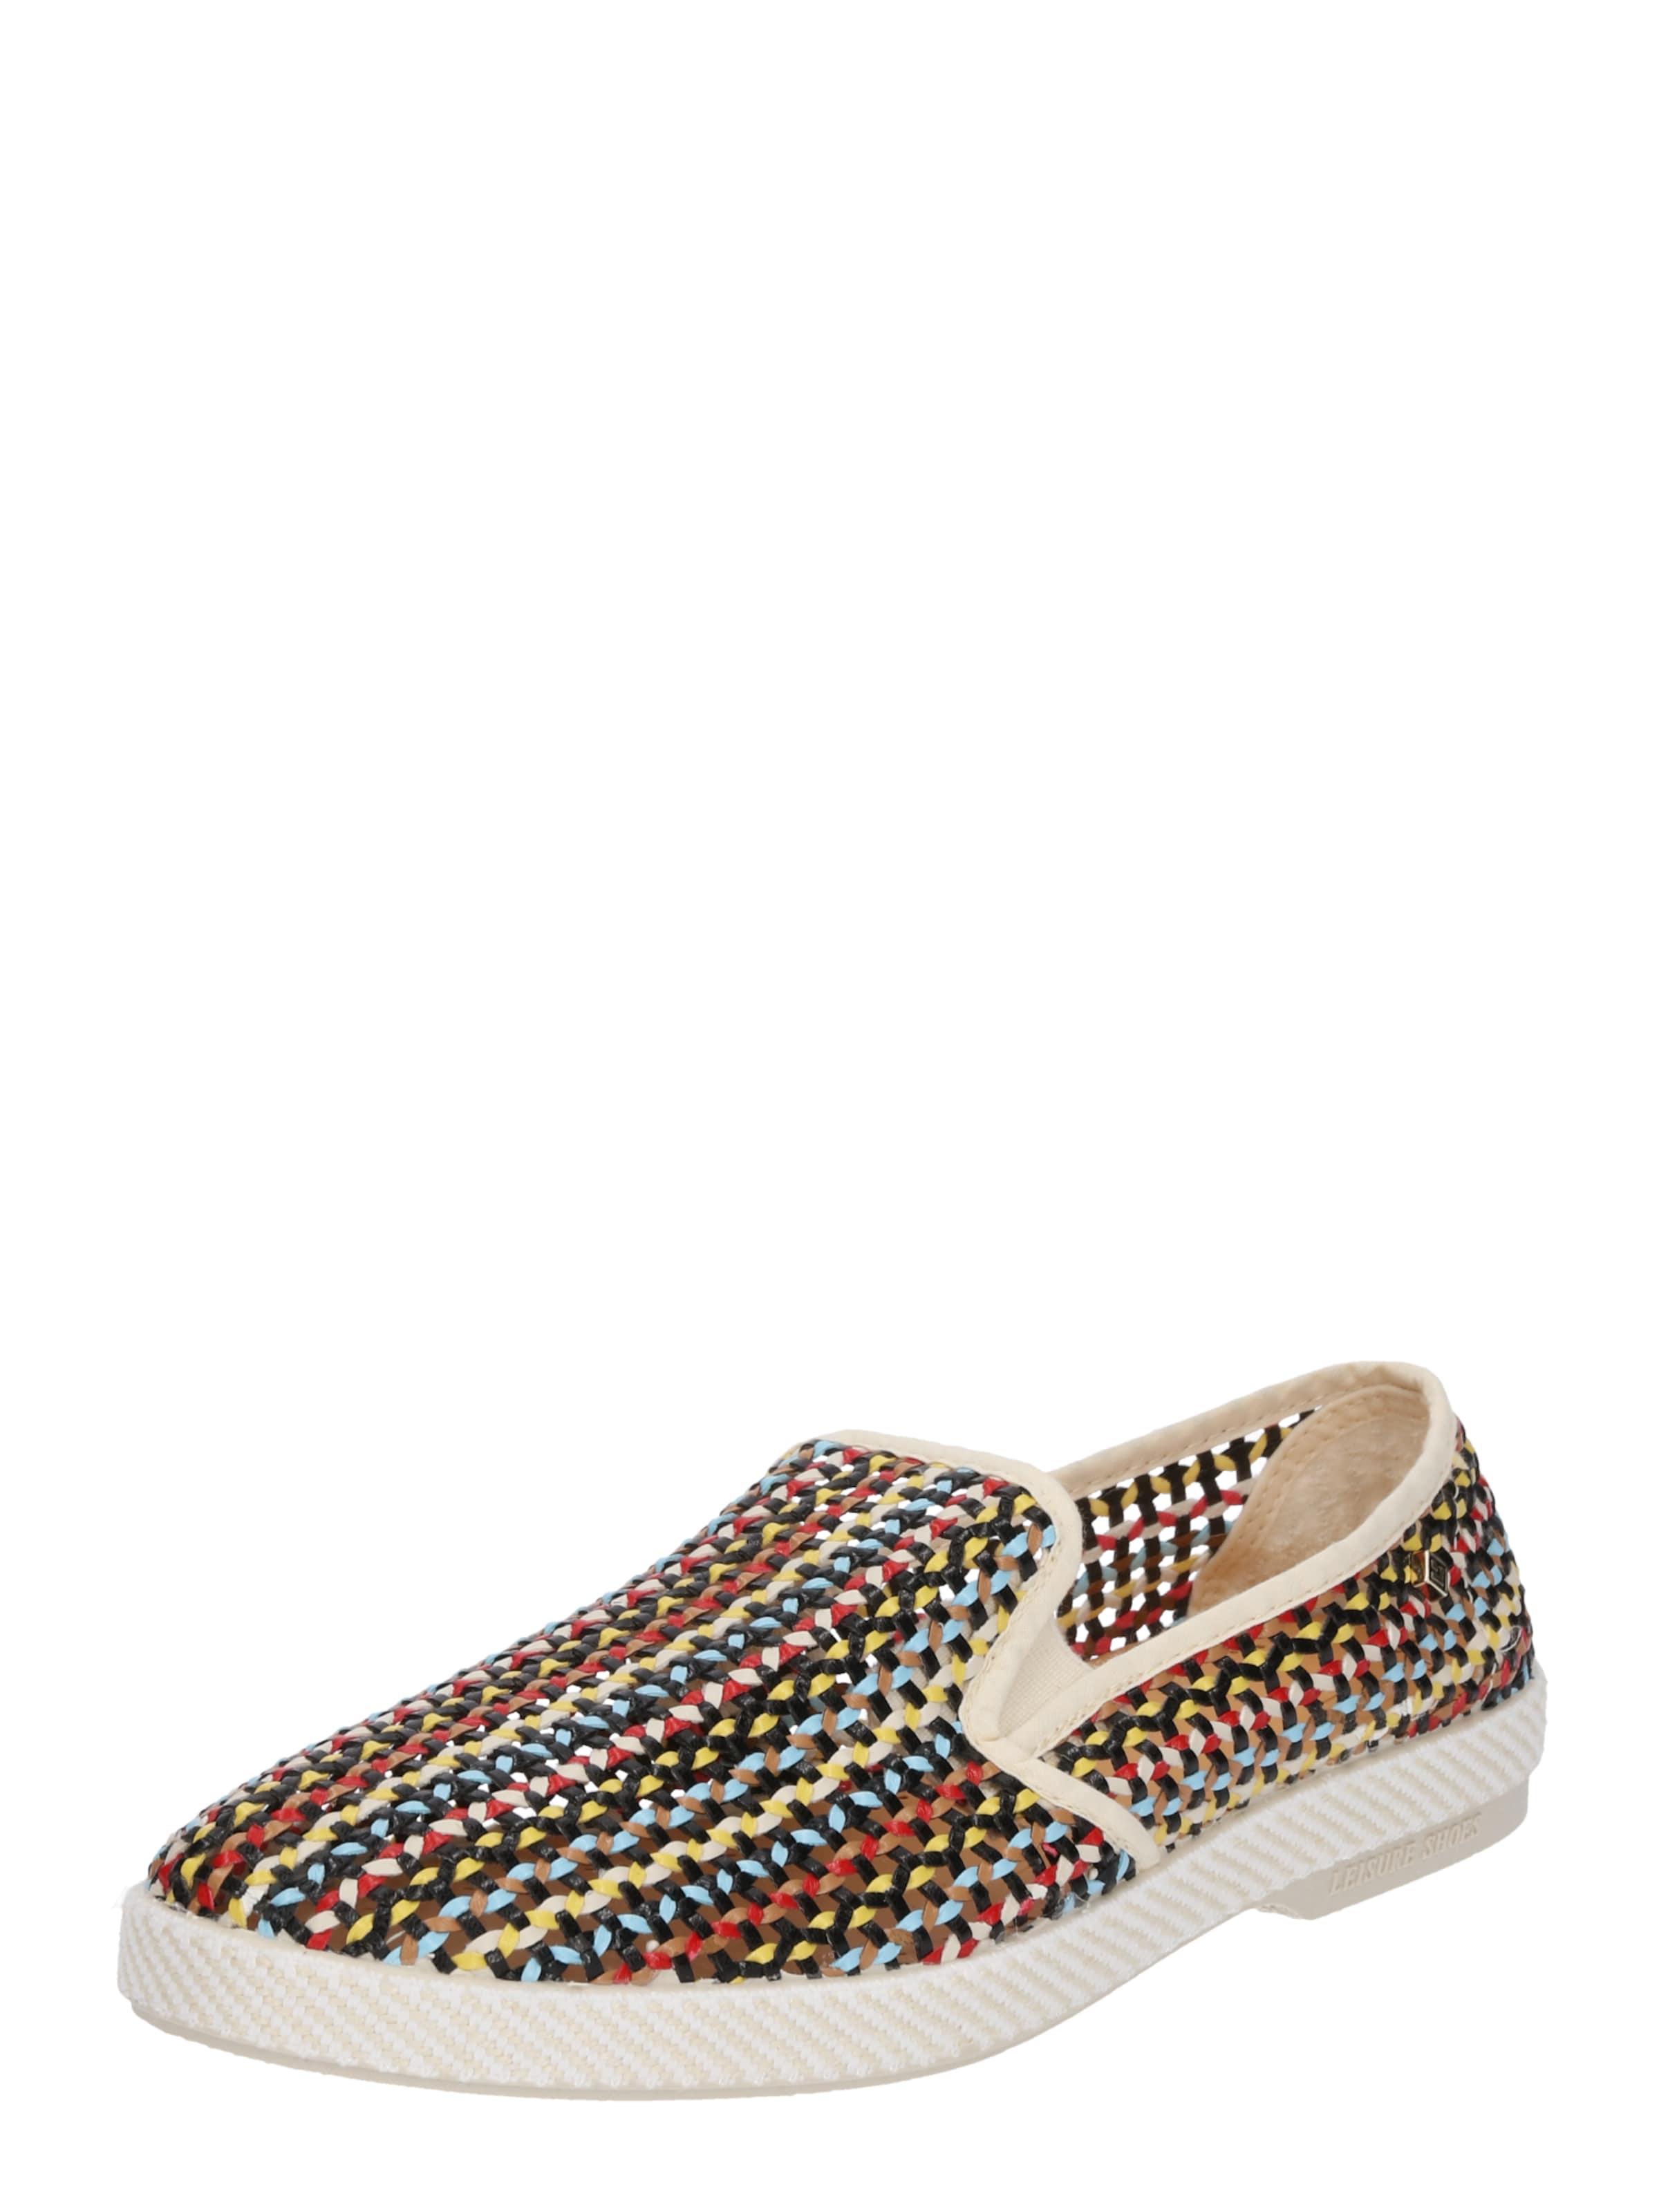 Haltbare Mode billige 'RIVLORDZELCO' Schuhe Rivieras   Espadrilles 'RIVLORDZELCO' billige Schuhe Gut getragene Schuhe 721c45